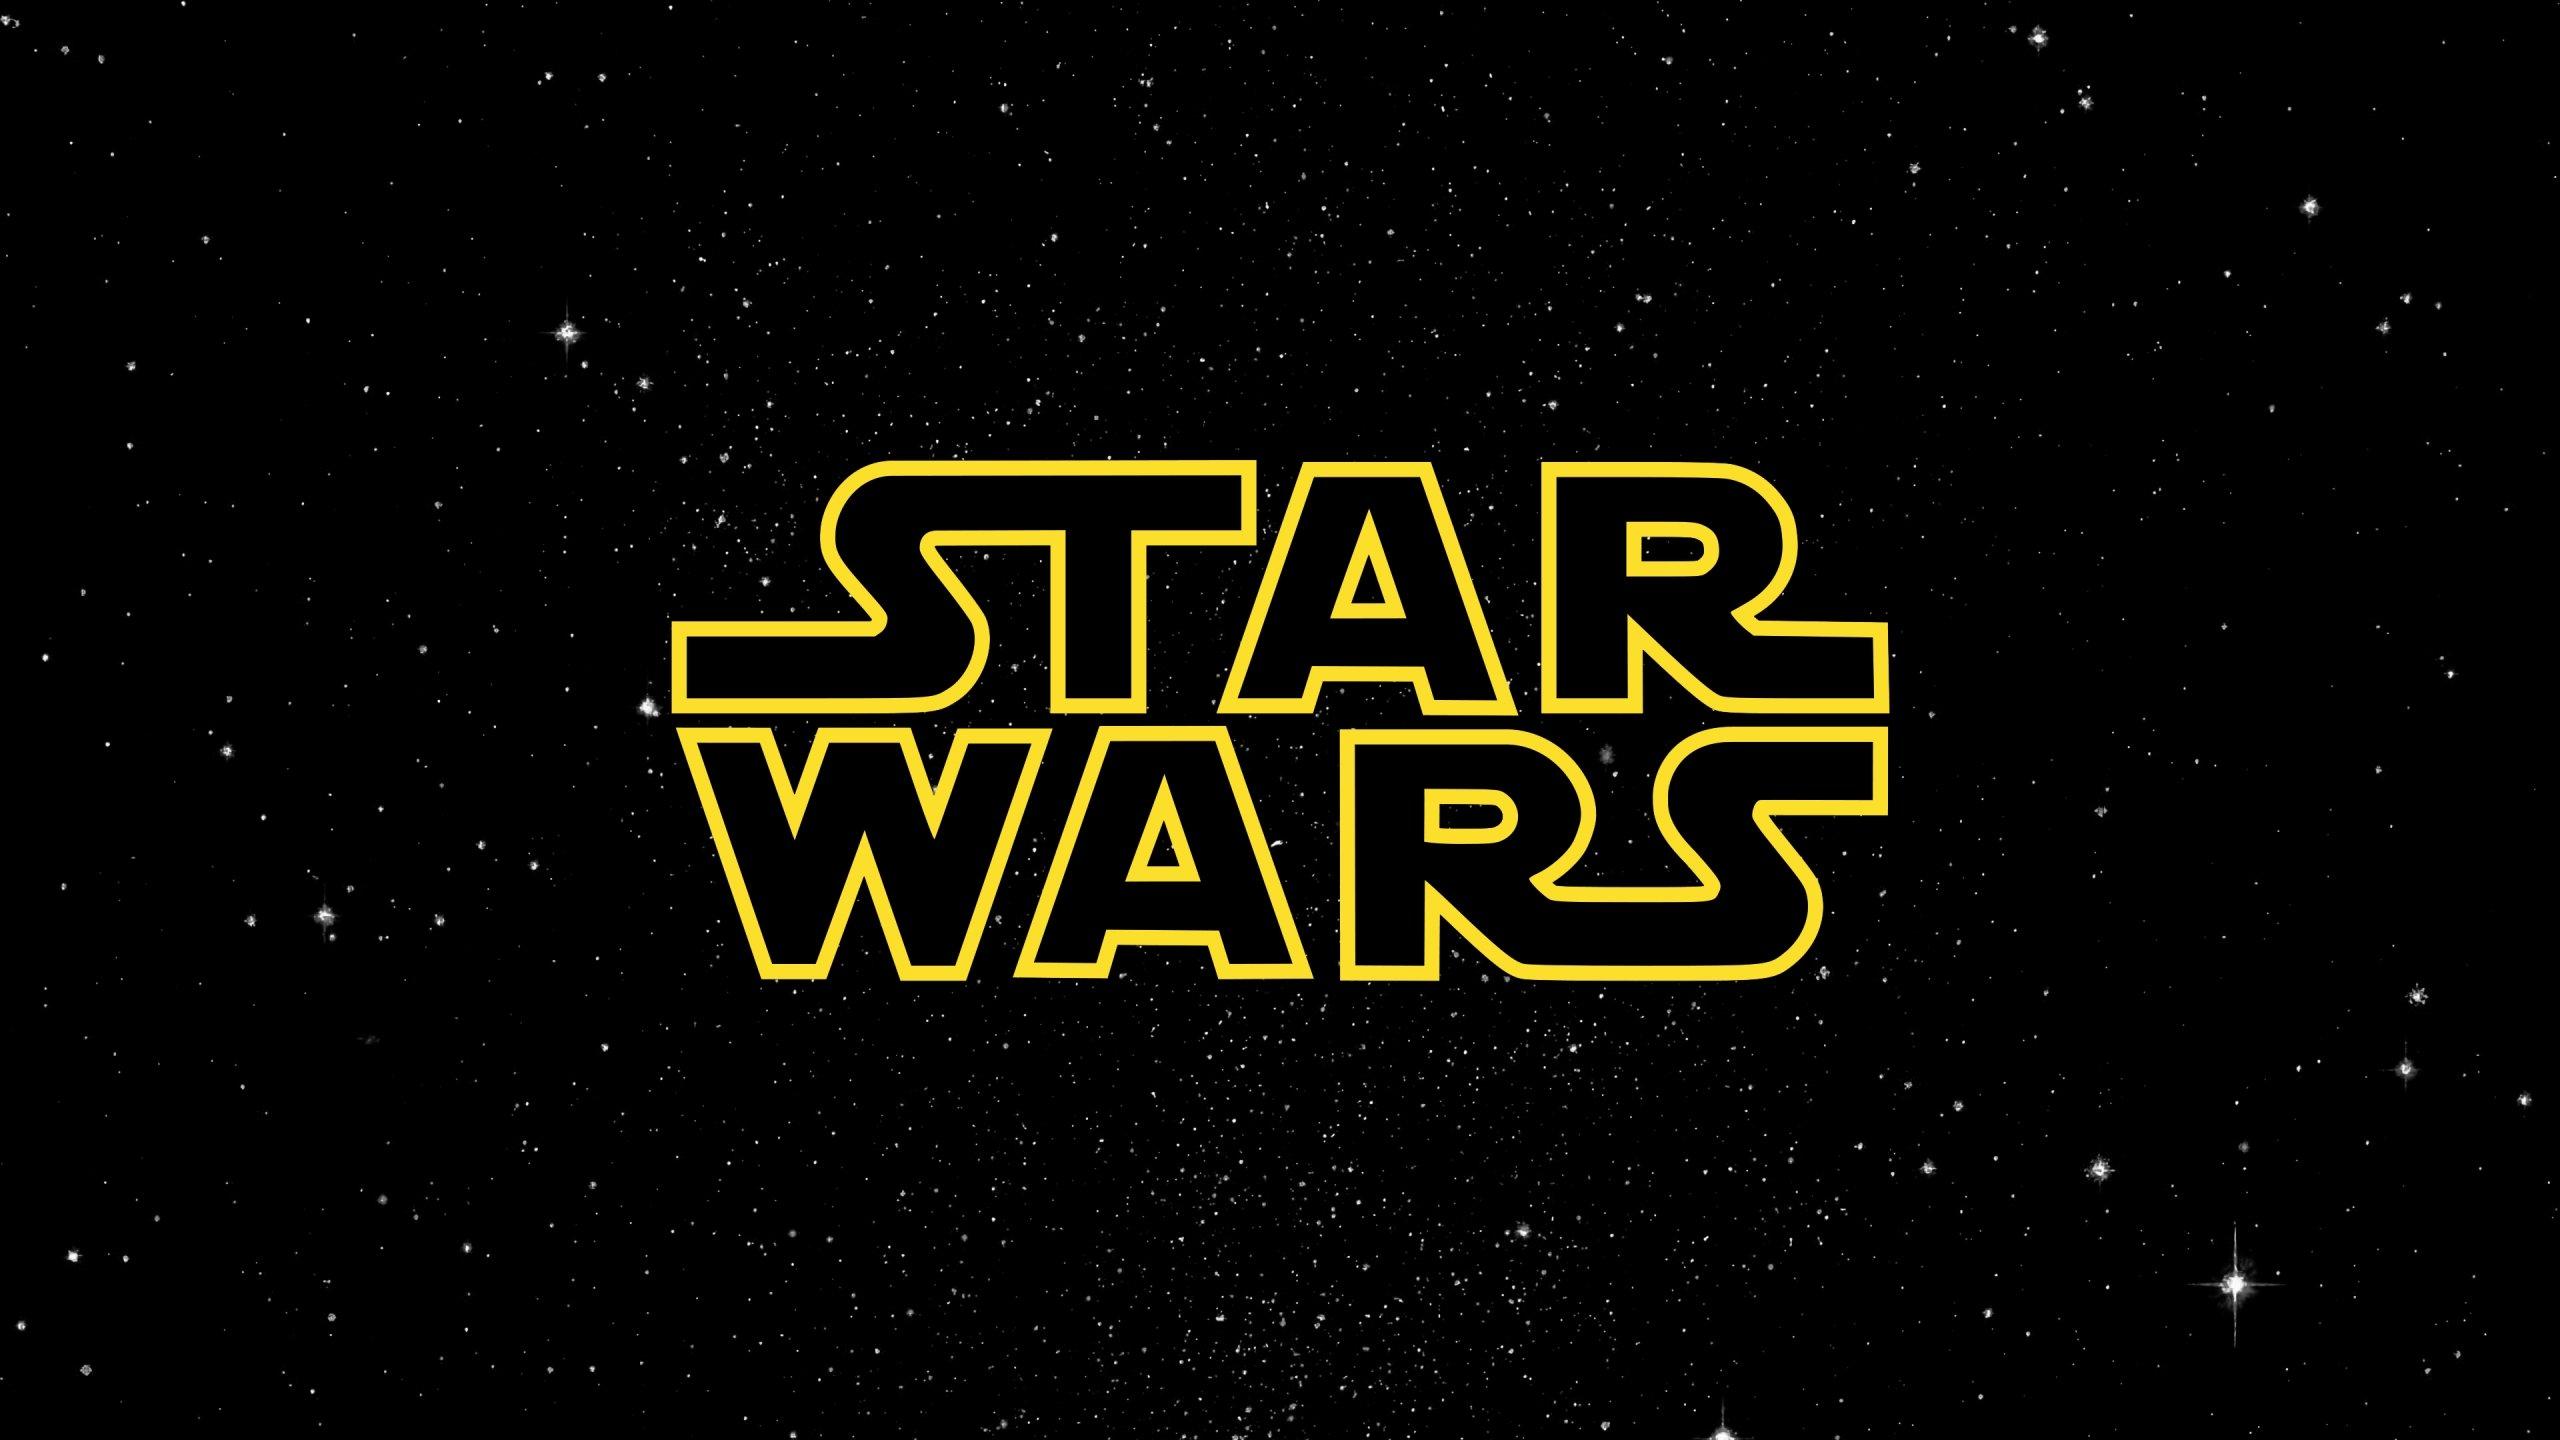 Star Wars Logo Wallpaper 4k Ultra Hd Id 3654